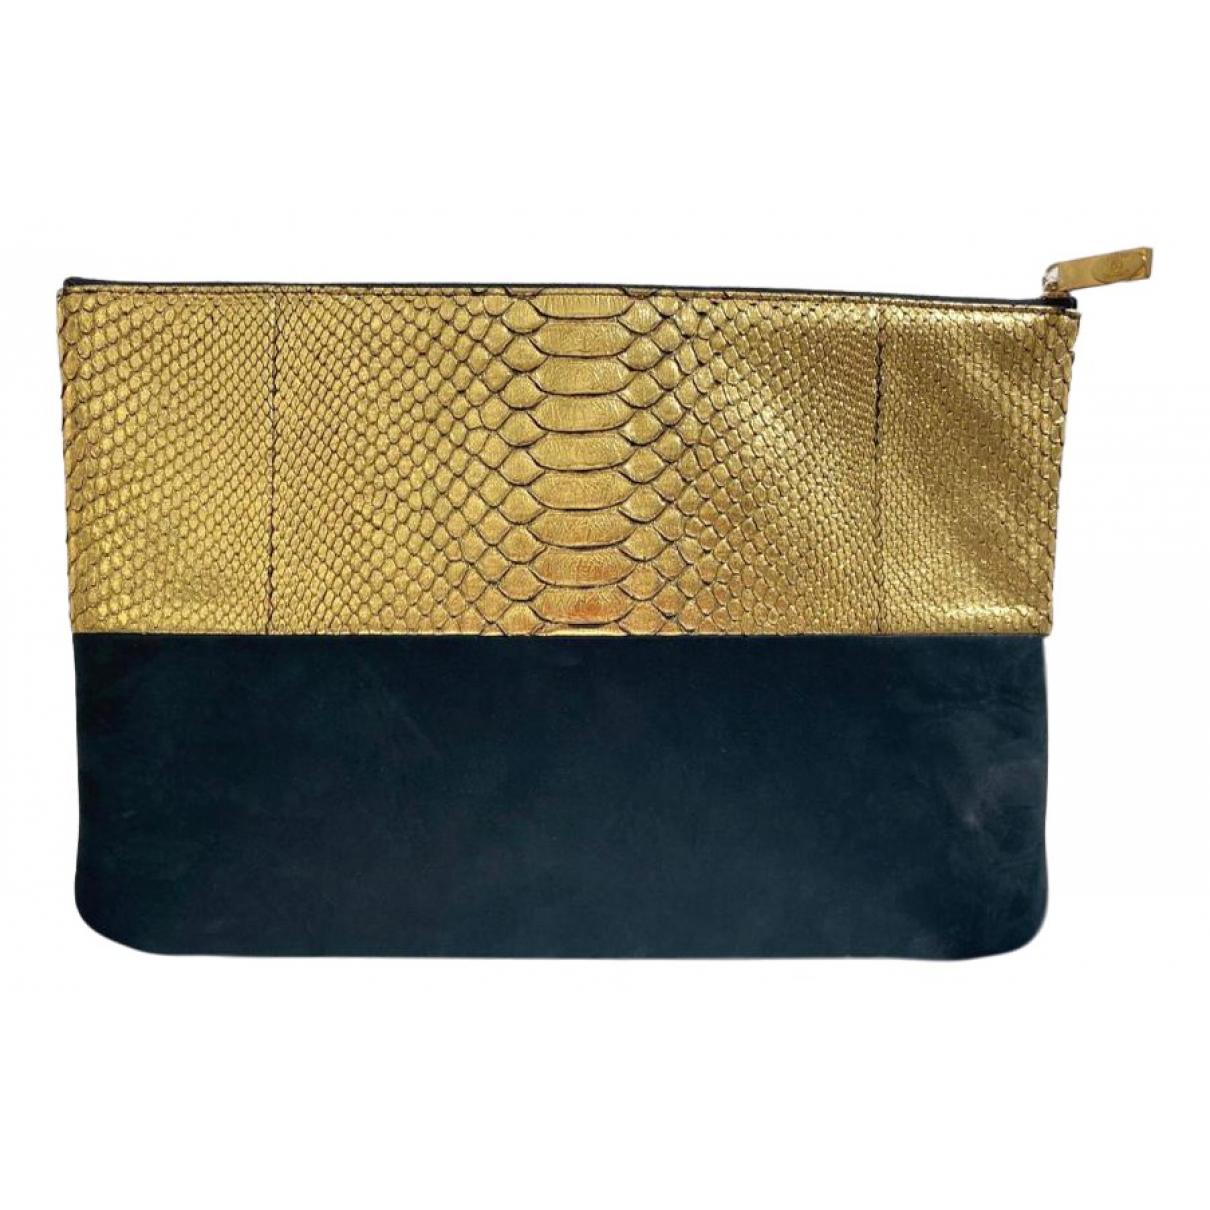 Chanel \N Black Python Clutch bag for Women \N